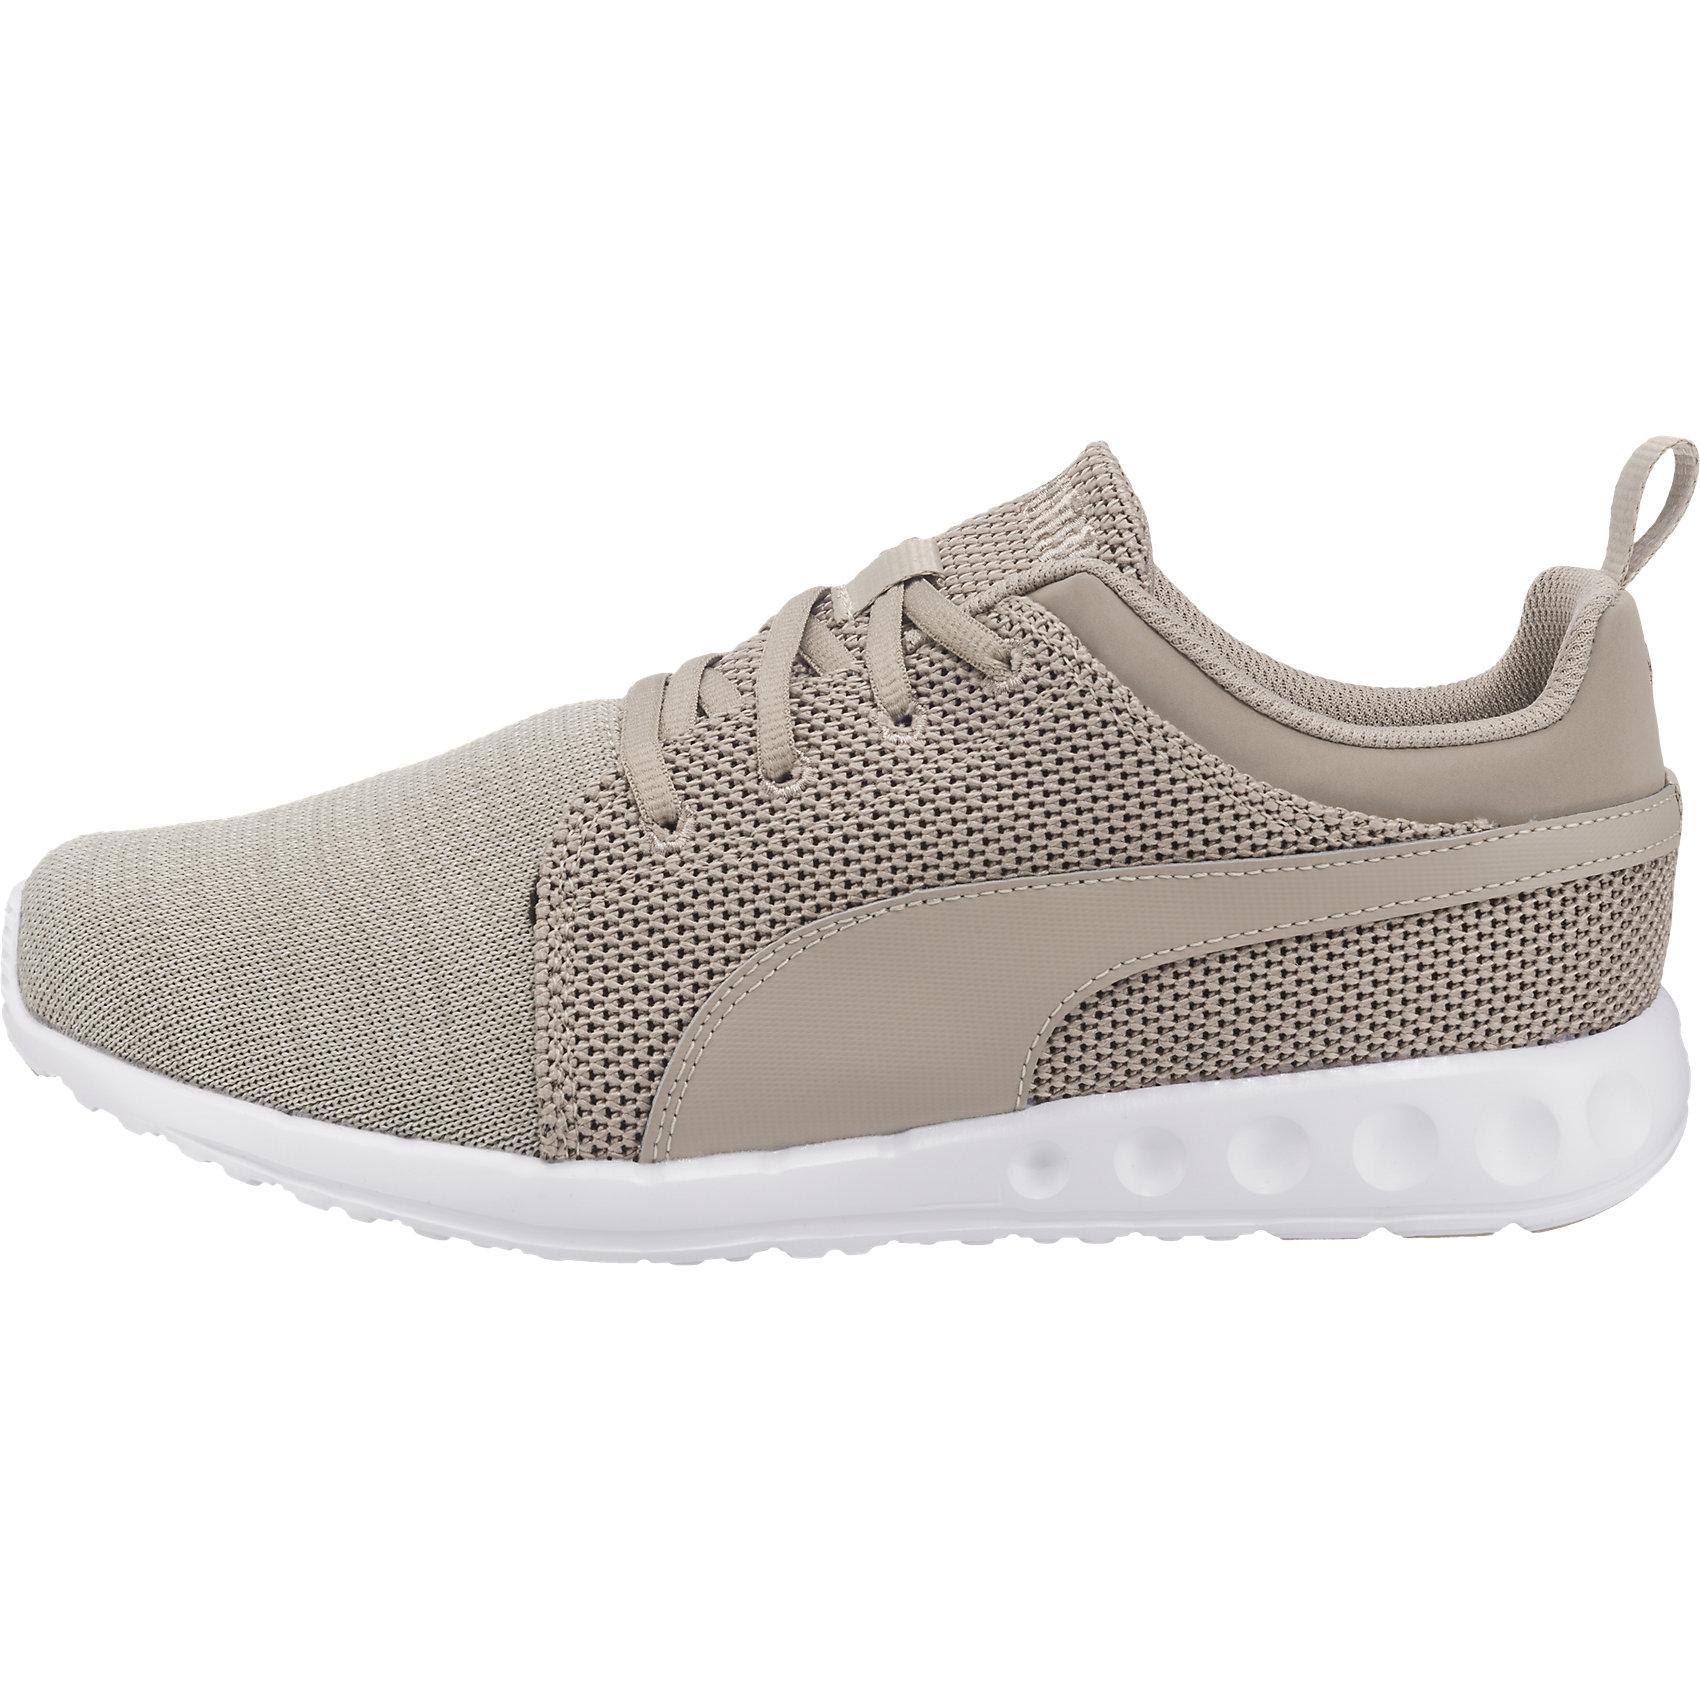 PUMA Carson Runner Knitted Sneaker Herren kaufen | OTTO